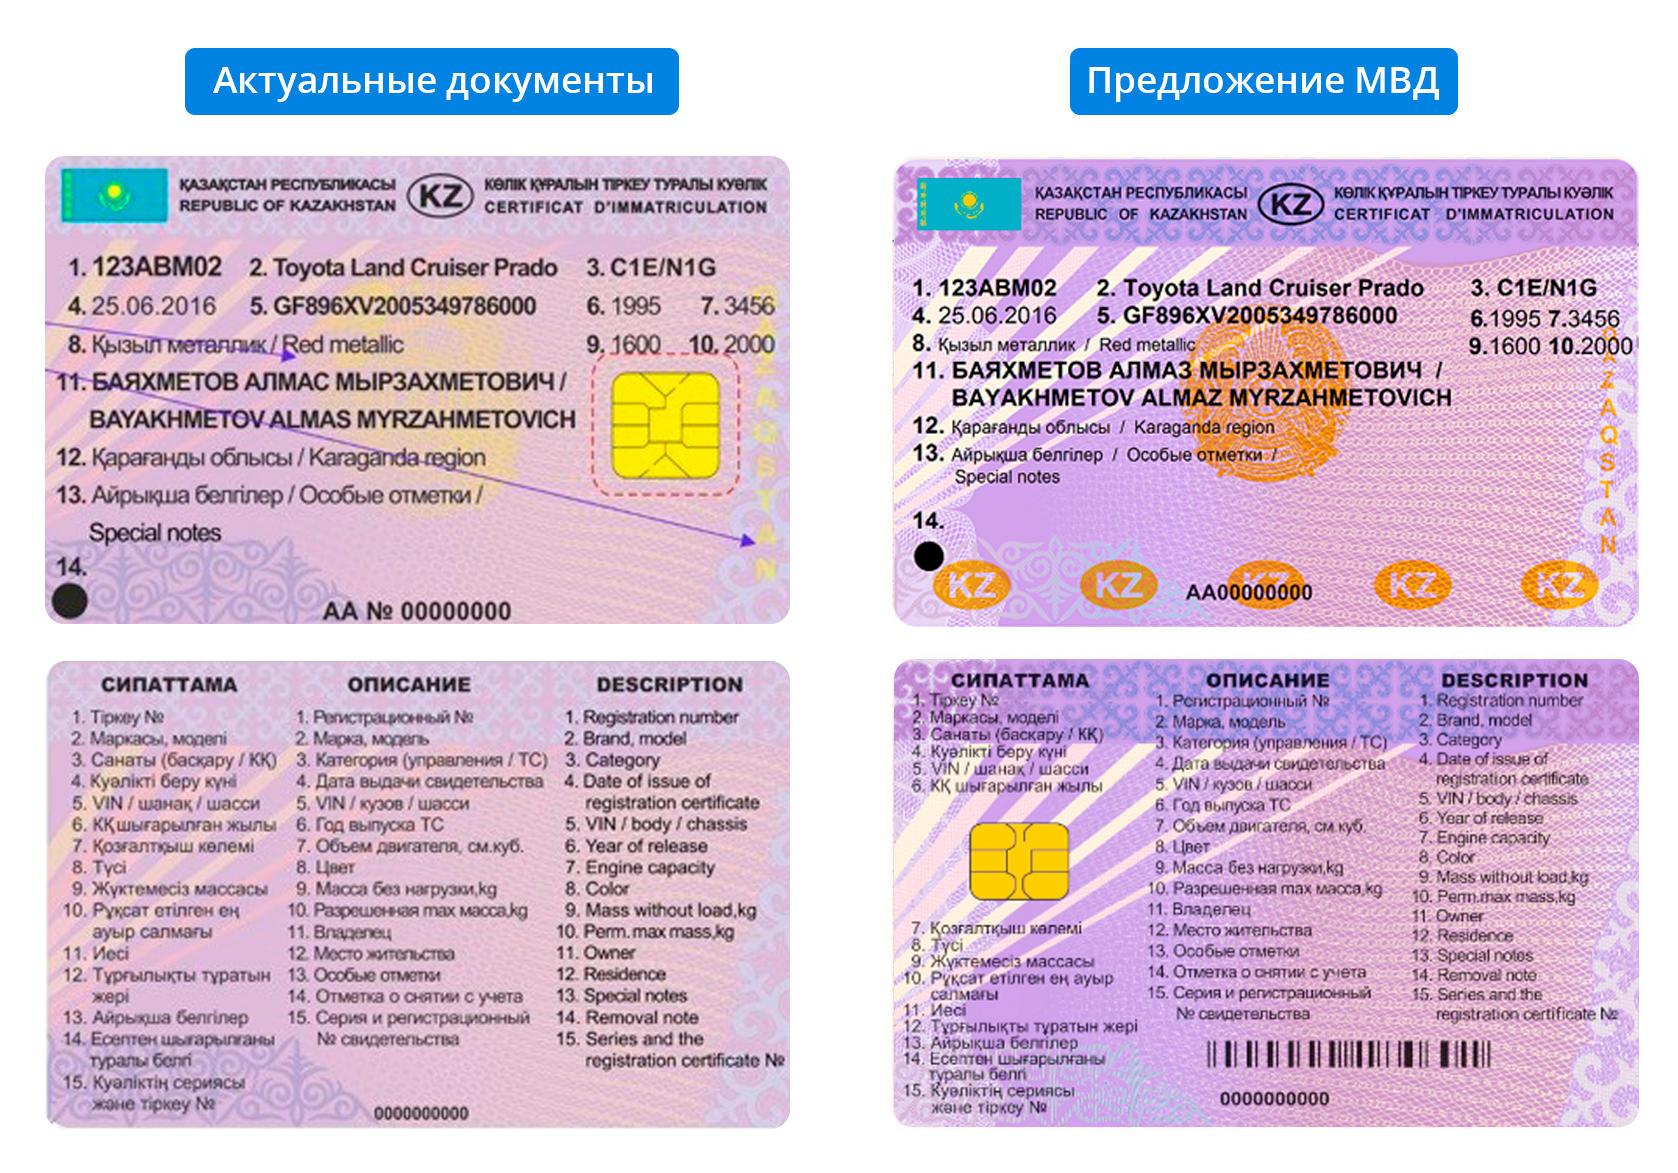 Водительское удостоверение и СРТС снова поменяются